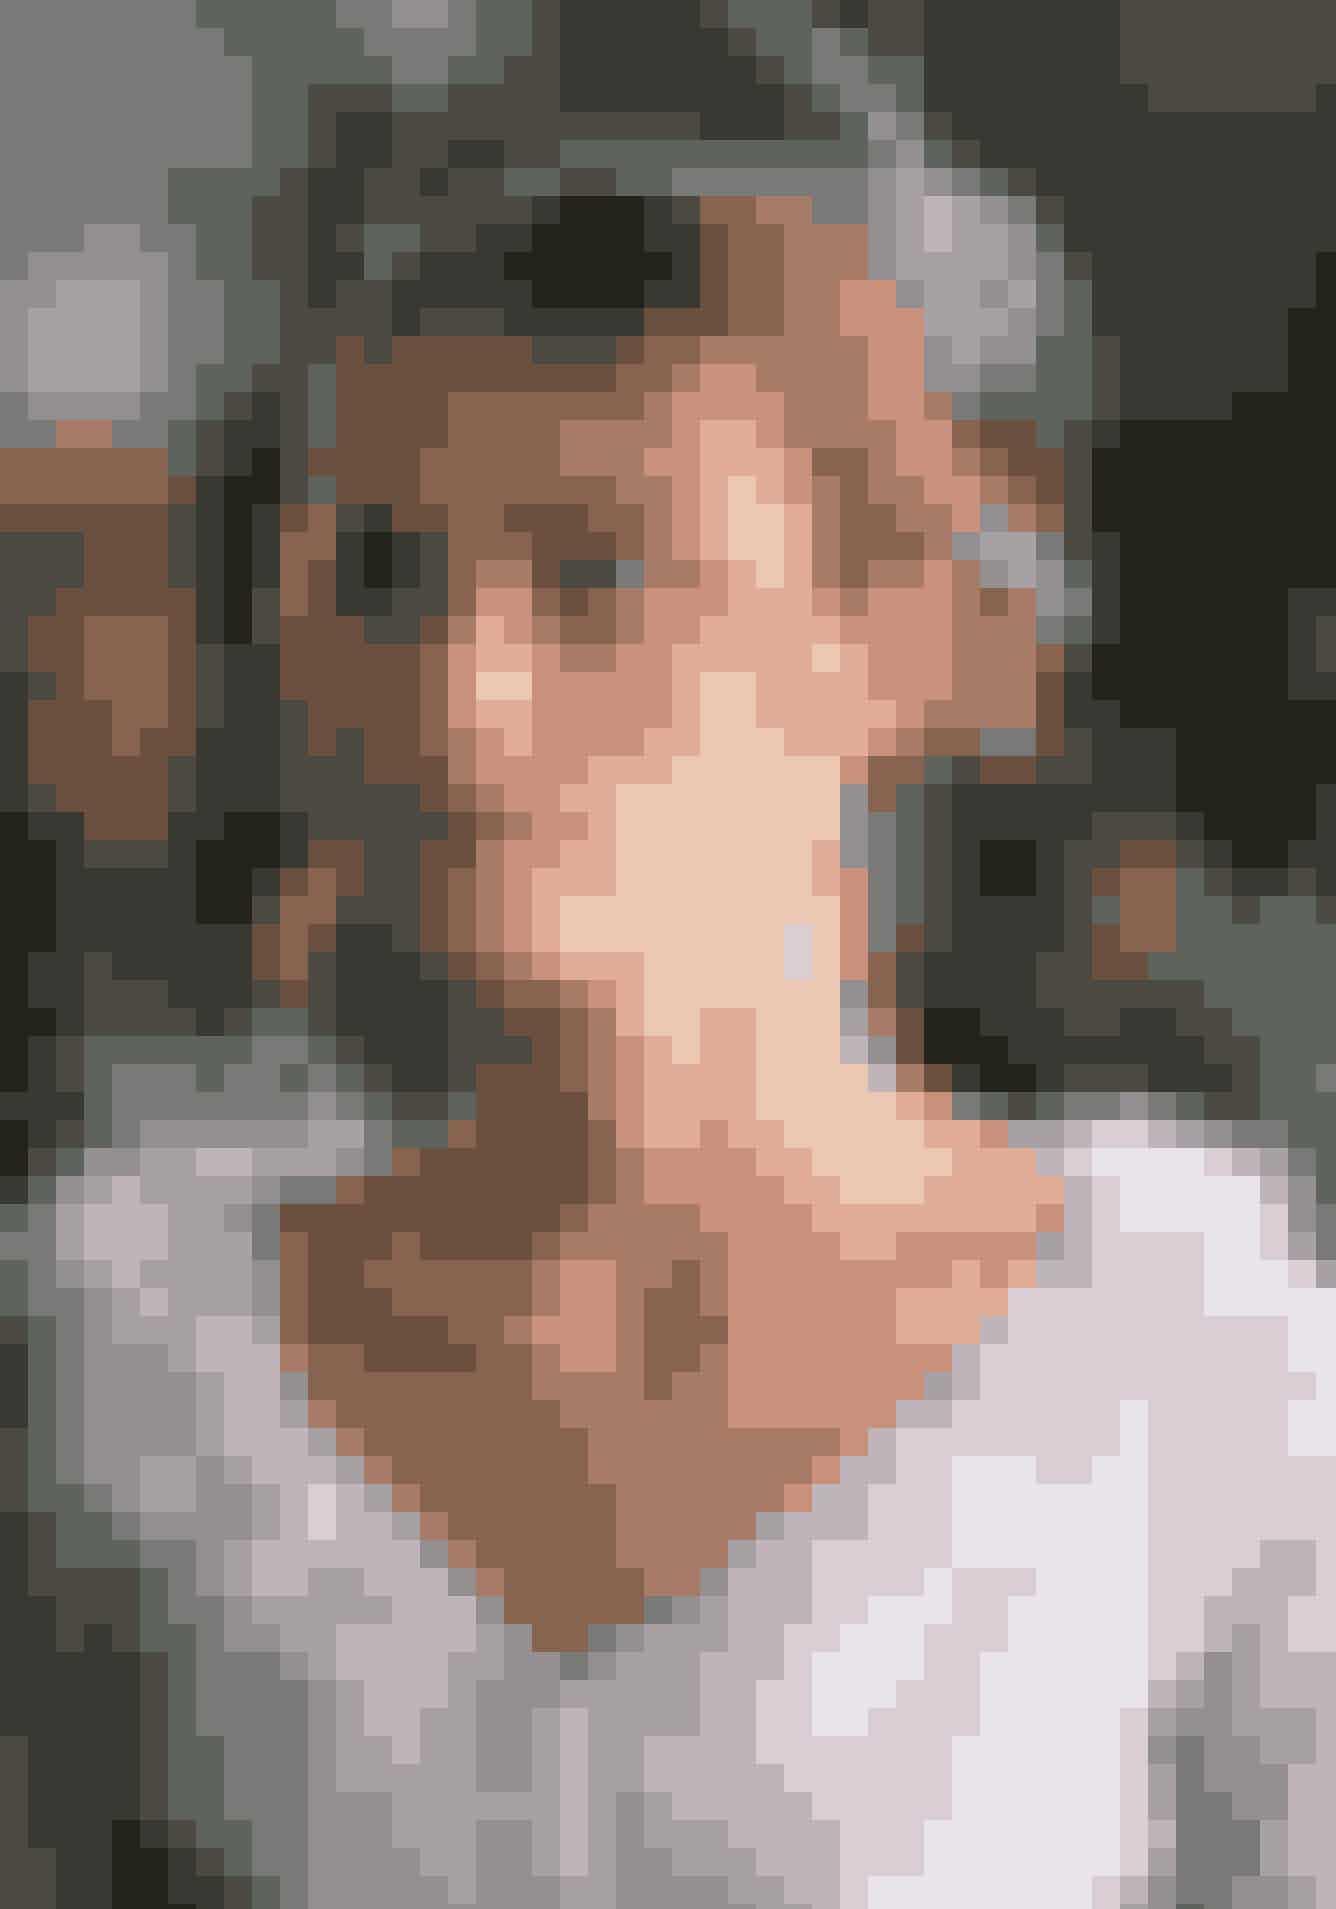 Keira Knightley, Love ActuallyKeira Knightley var kun 18 år gammel, da hun spillede den smukke brud, Juliet, i den romantiske julekomedie Love Actually. Husker du også den søde, 10-årige dreng, Sam, der bliver håbløst forelsket i skolekammeraten Joanna? Sam blev spillet af skuespilleren Thomas Brodie-Sangster, der på det tidspunkt var 13 år gammel, og altså kun 5 år yngre Keira Knightley.